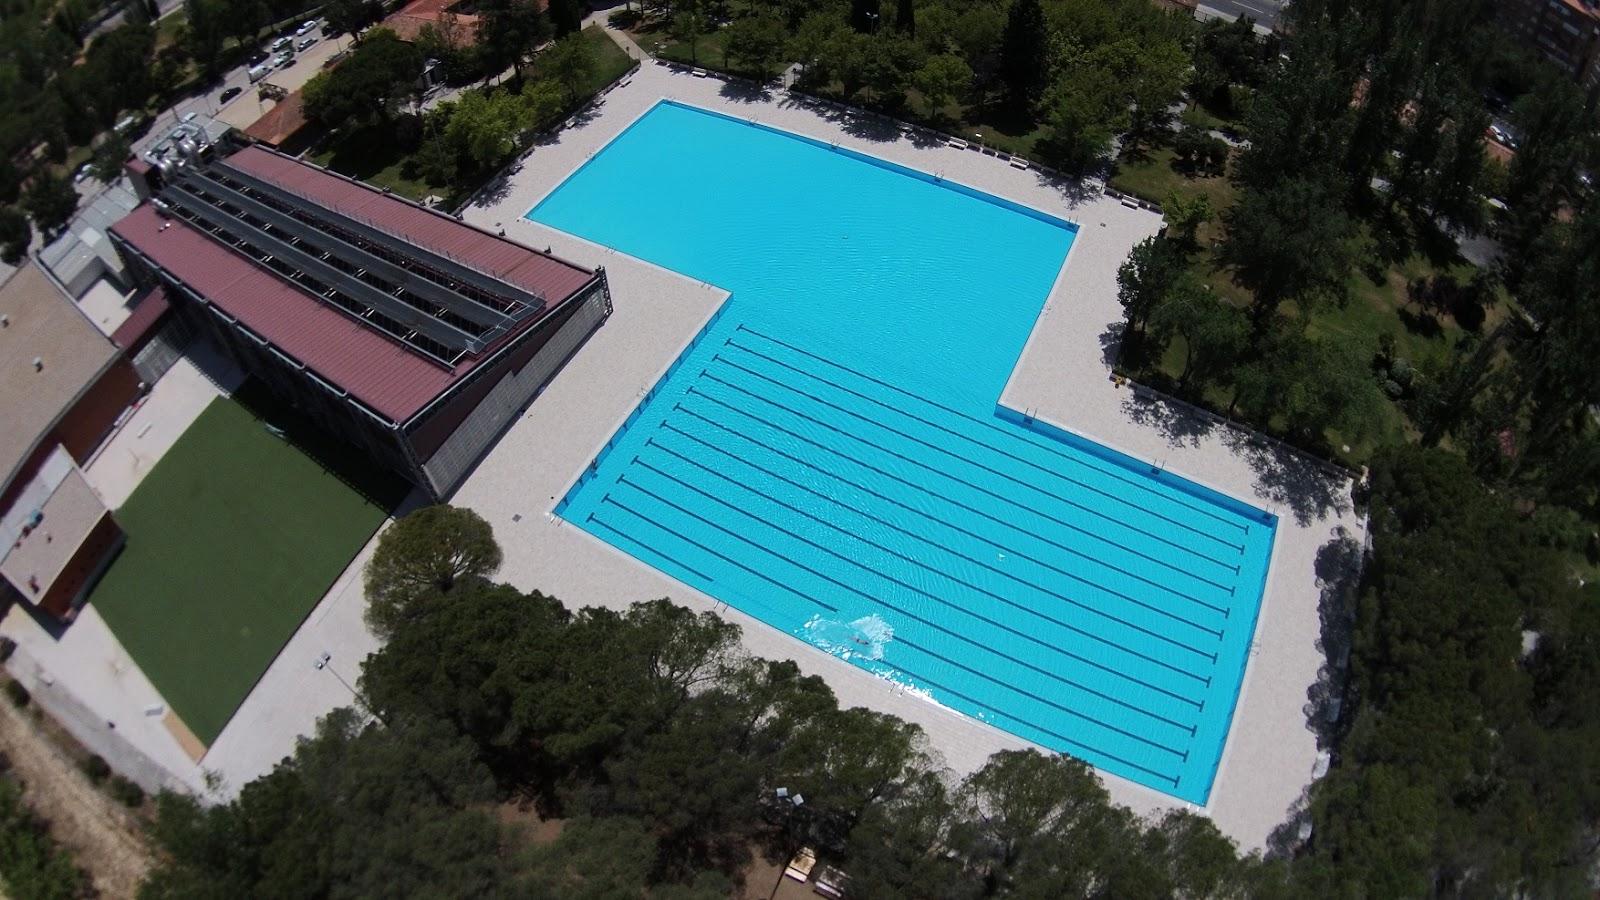 Lleg el ansiado chapuz n en la piscina de aluche gu a for Gimnasio piscina madrid